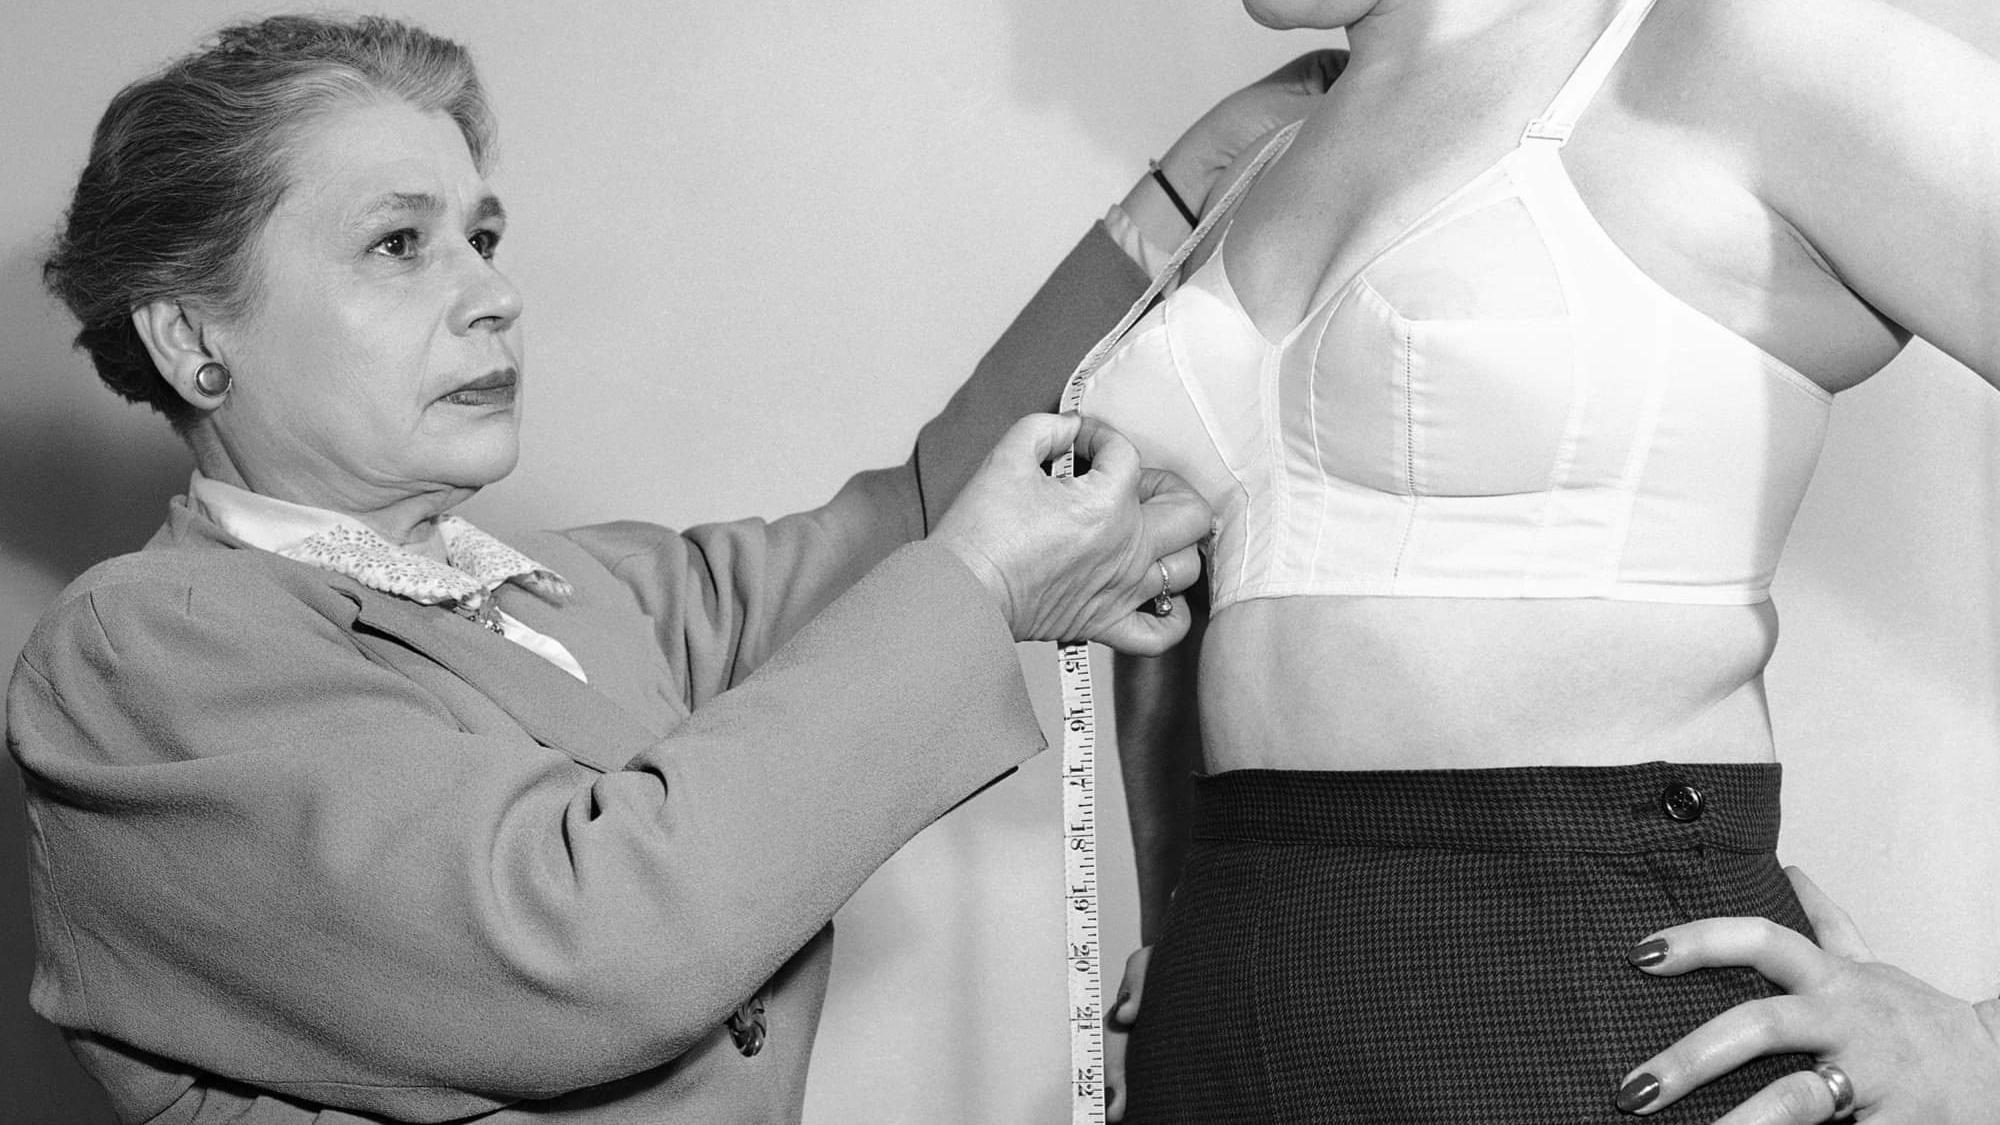 胸罩,效果胸罩,胸部,内衣,女性,穿着